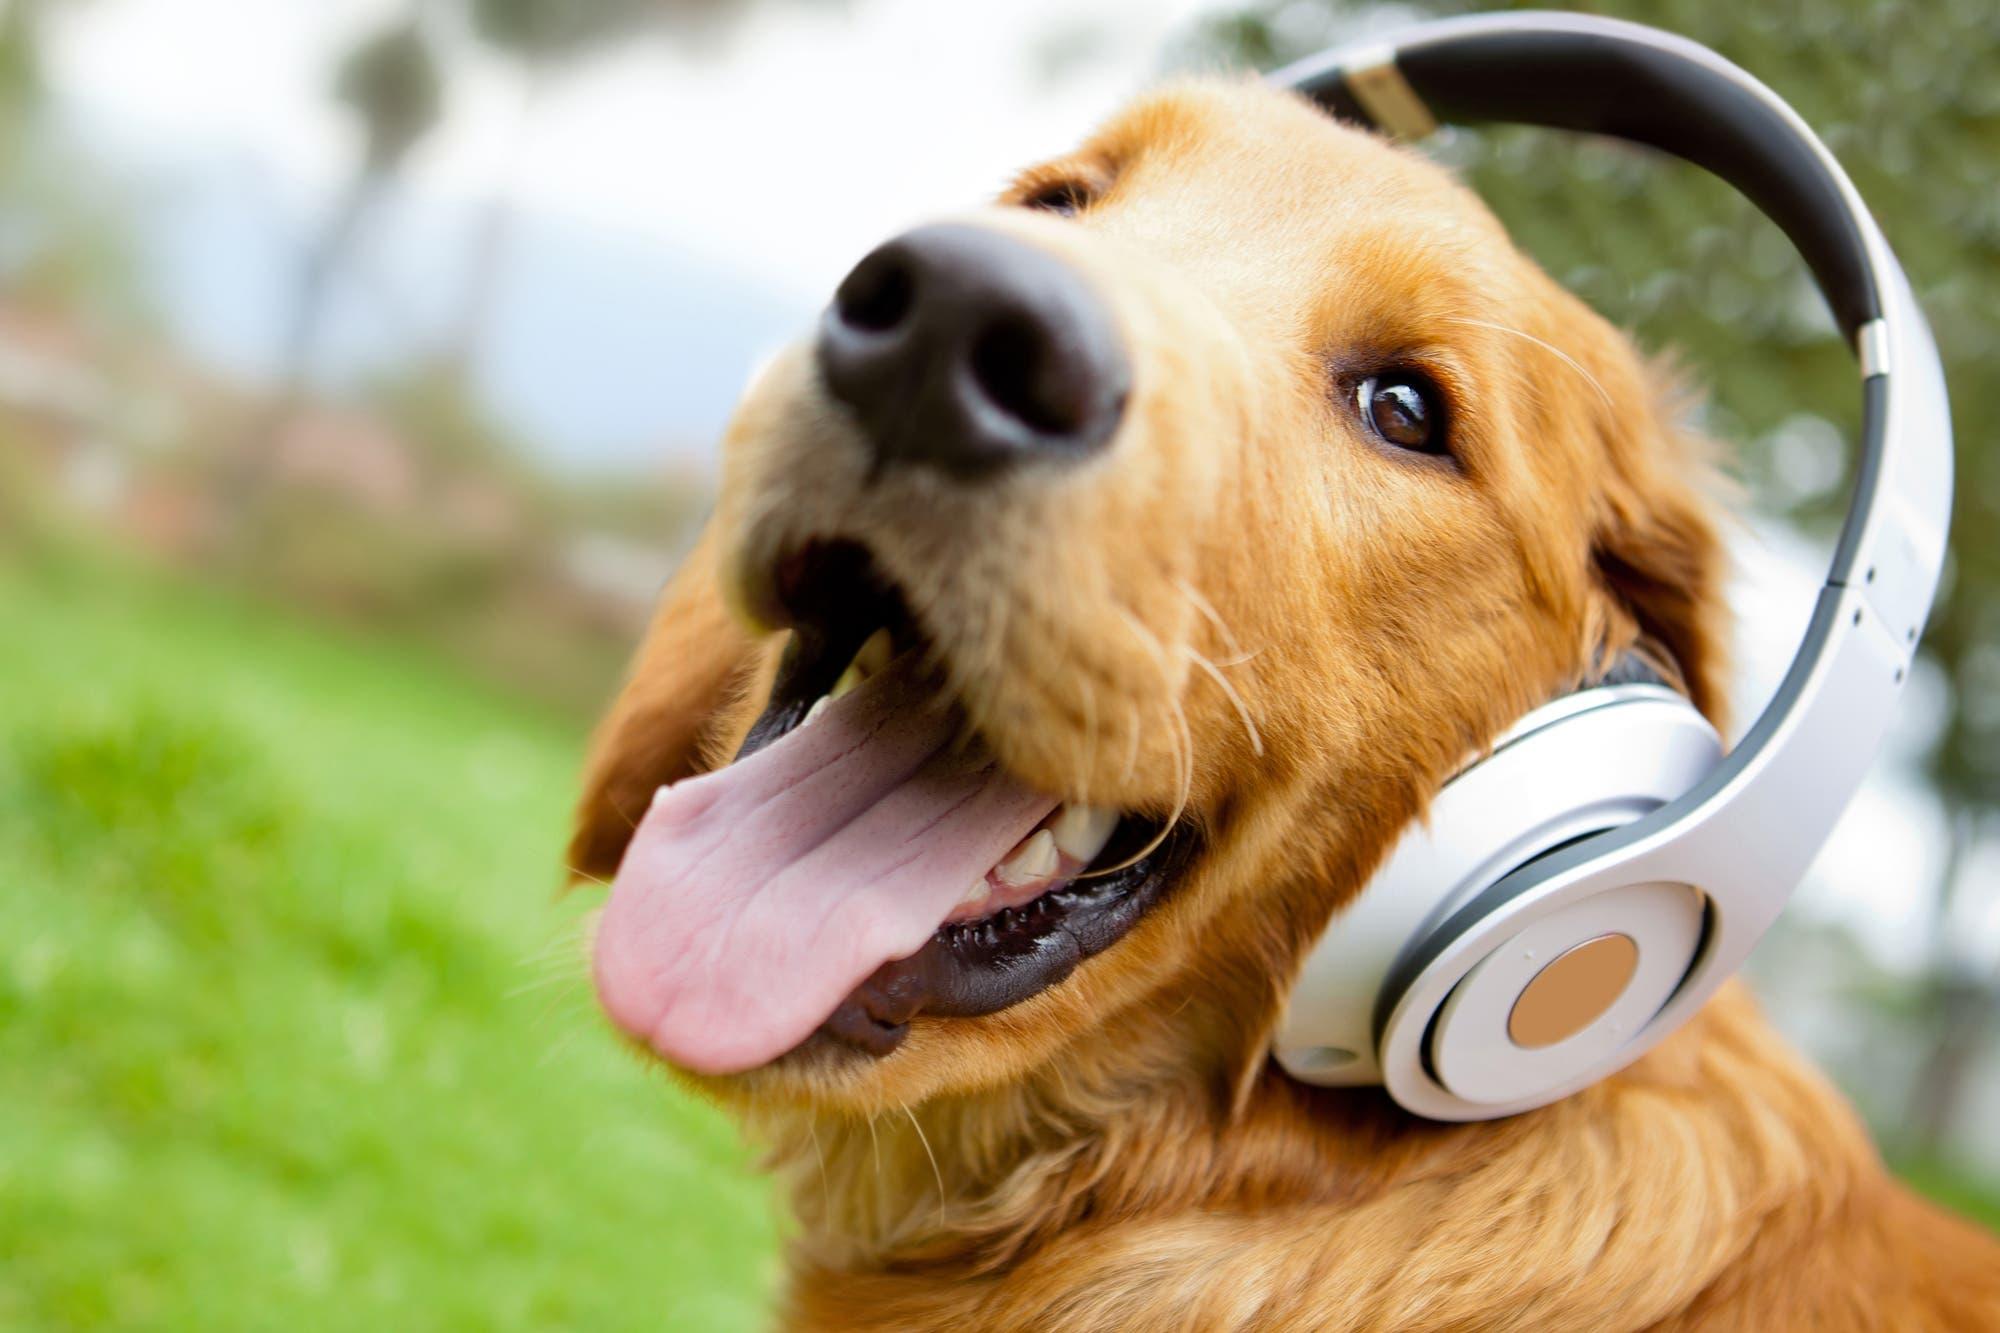 Spotify lanza las listas de reproducción para mascotas, según el animal y su personalidad